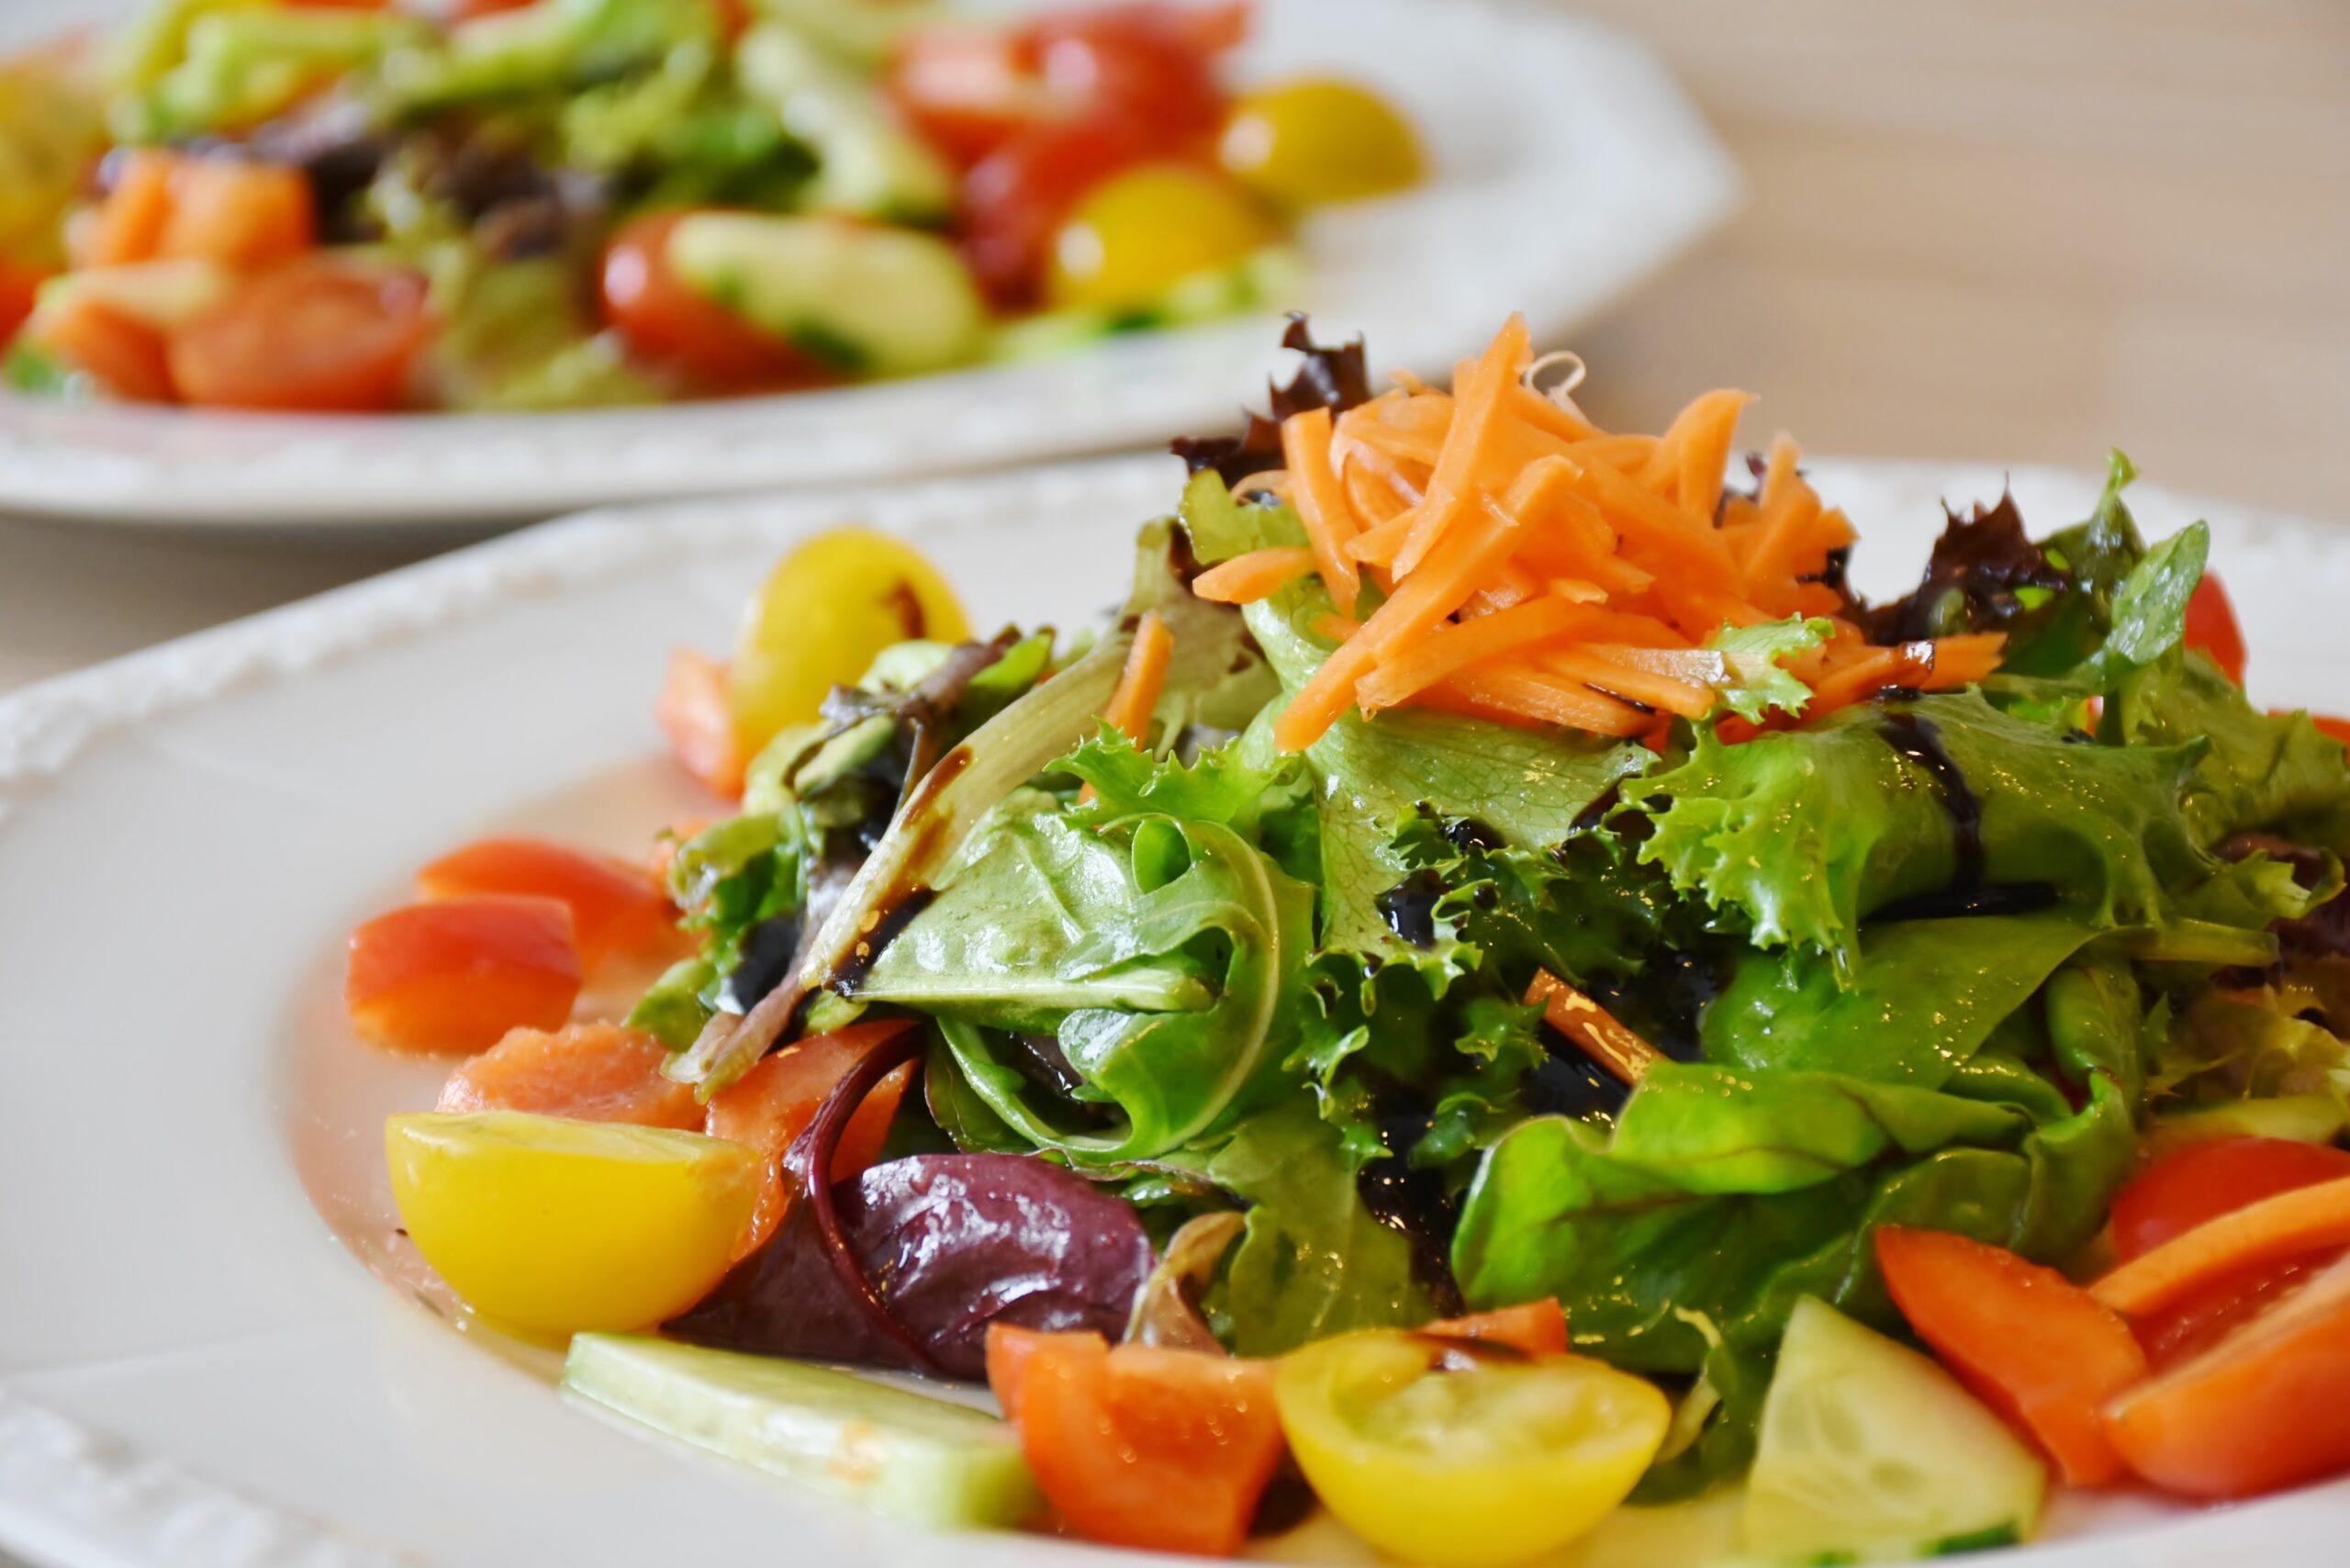 healthy meal diet plan